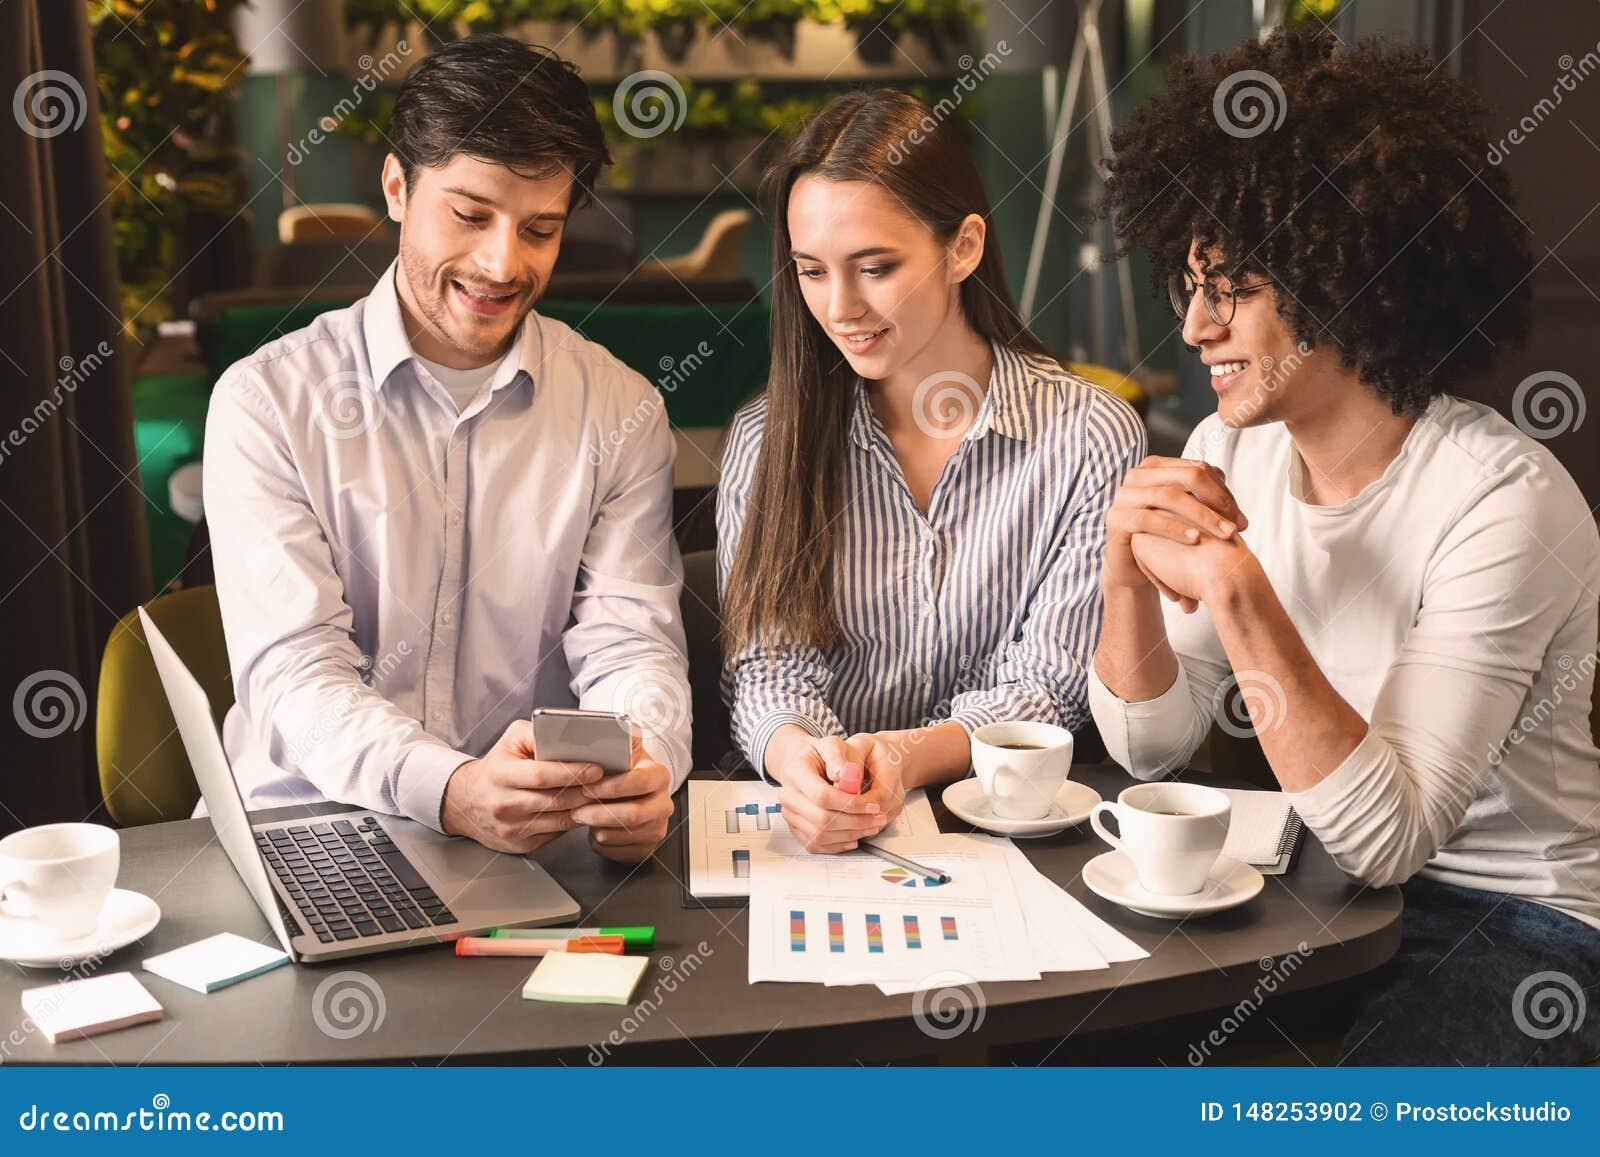 Biznes dru?yna na spotkaniu dyskutuje projekt z smartphone w kawiarni